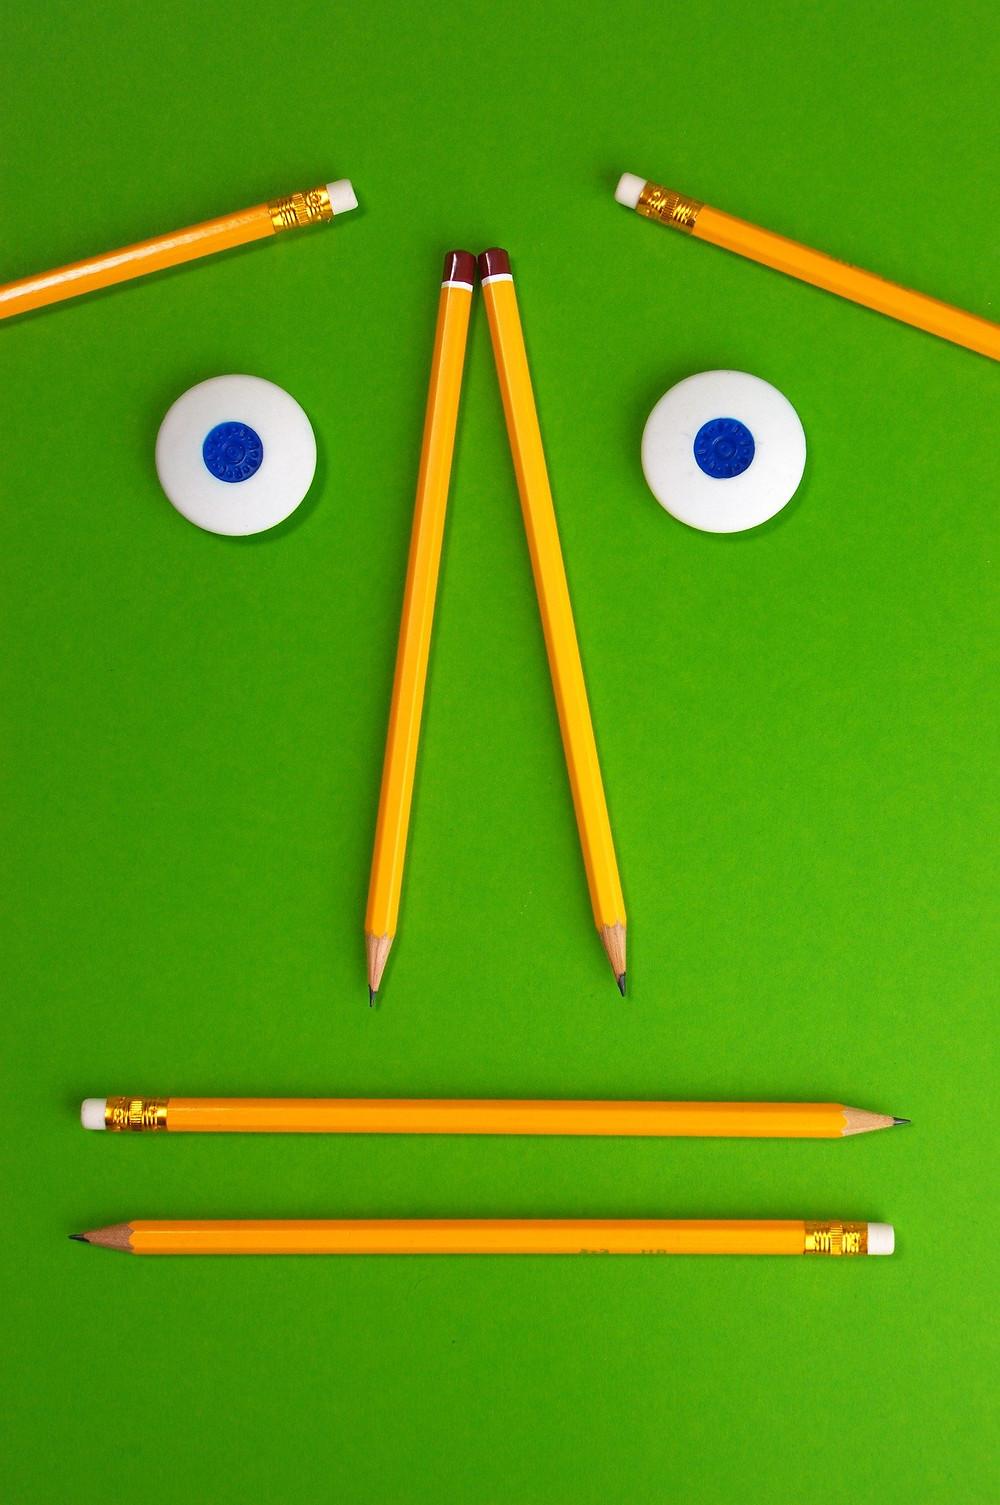 החבר׳ה מאיכילוב מציגים שבעה טיפים להוראה אינטראקטיבית בזום